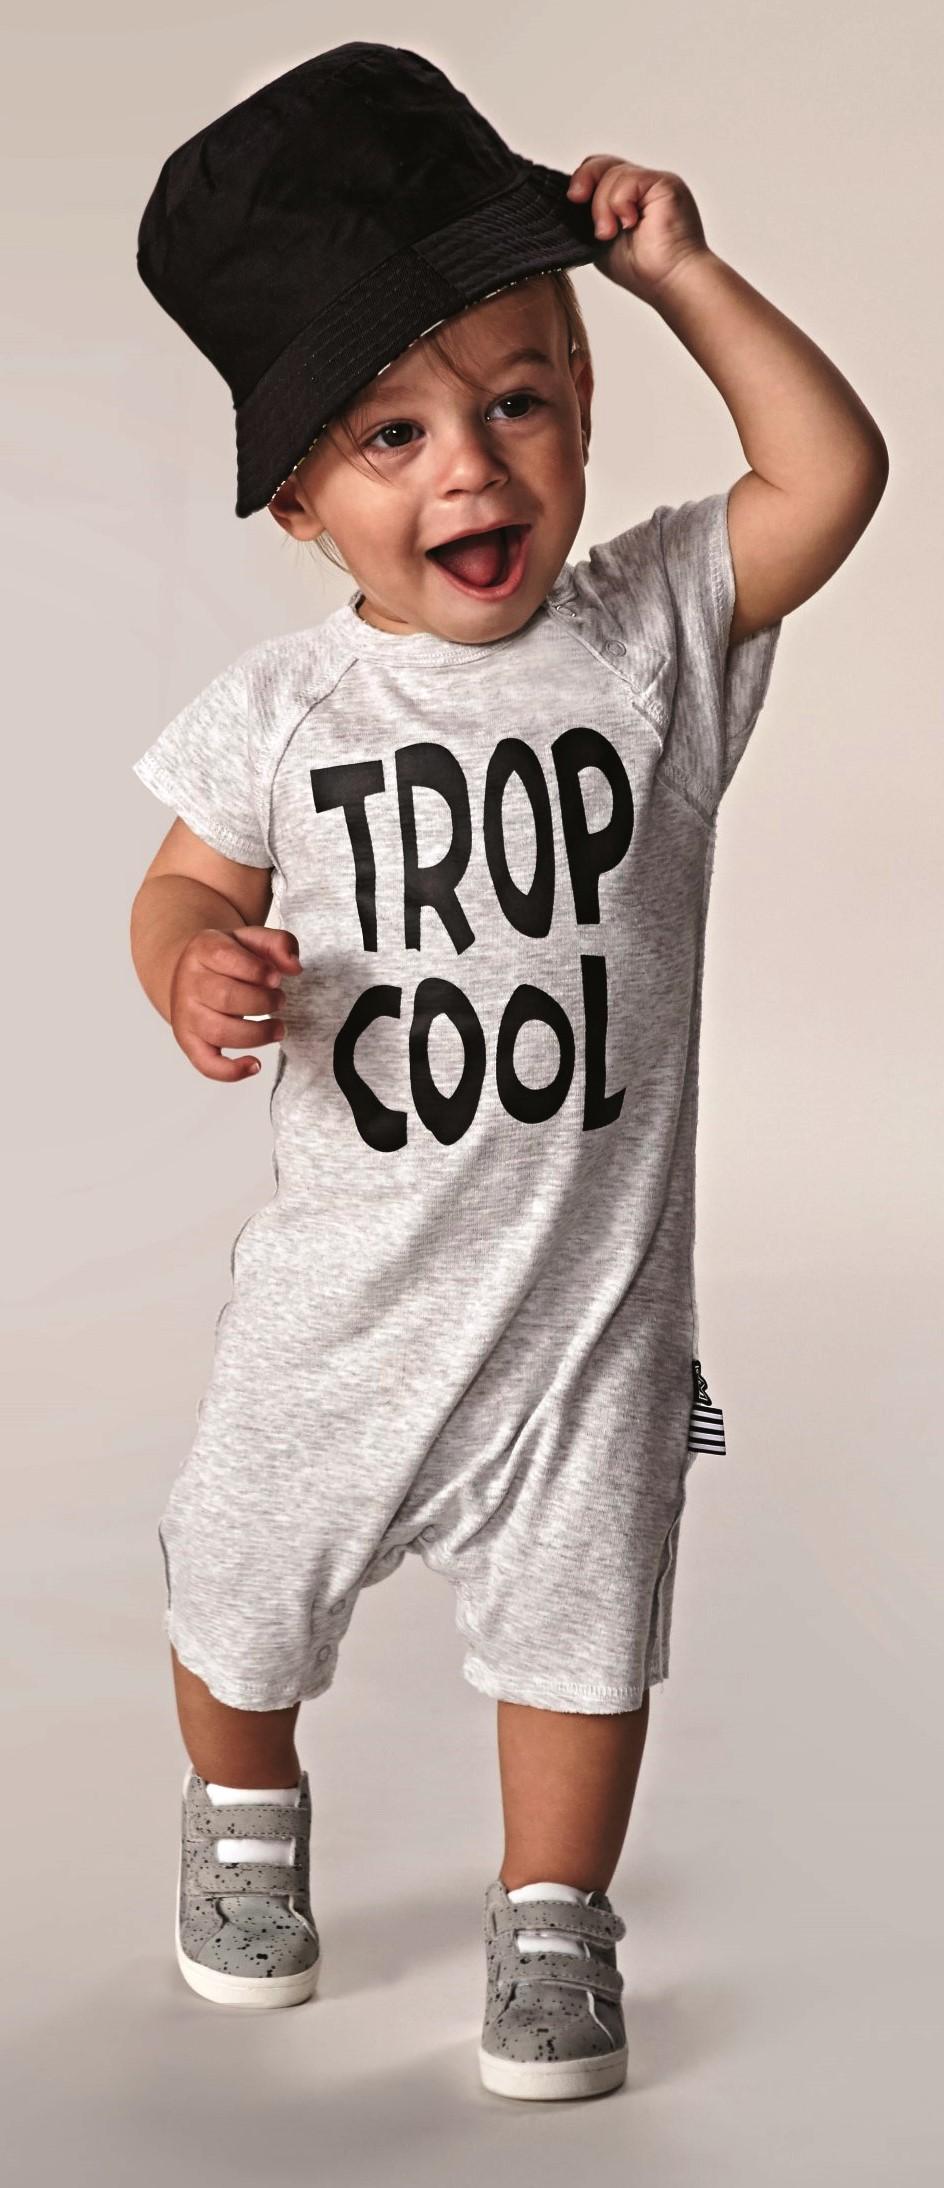 שילב. האופנה מכתיבה שחור גם לתינוקות